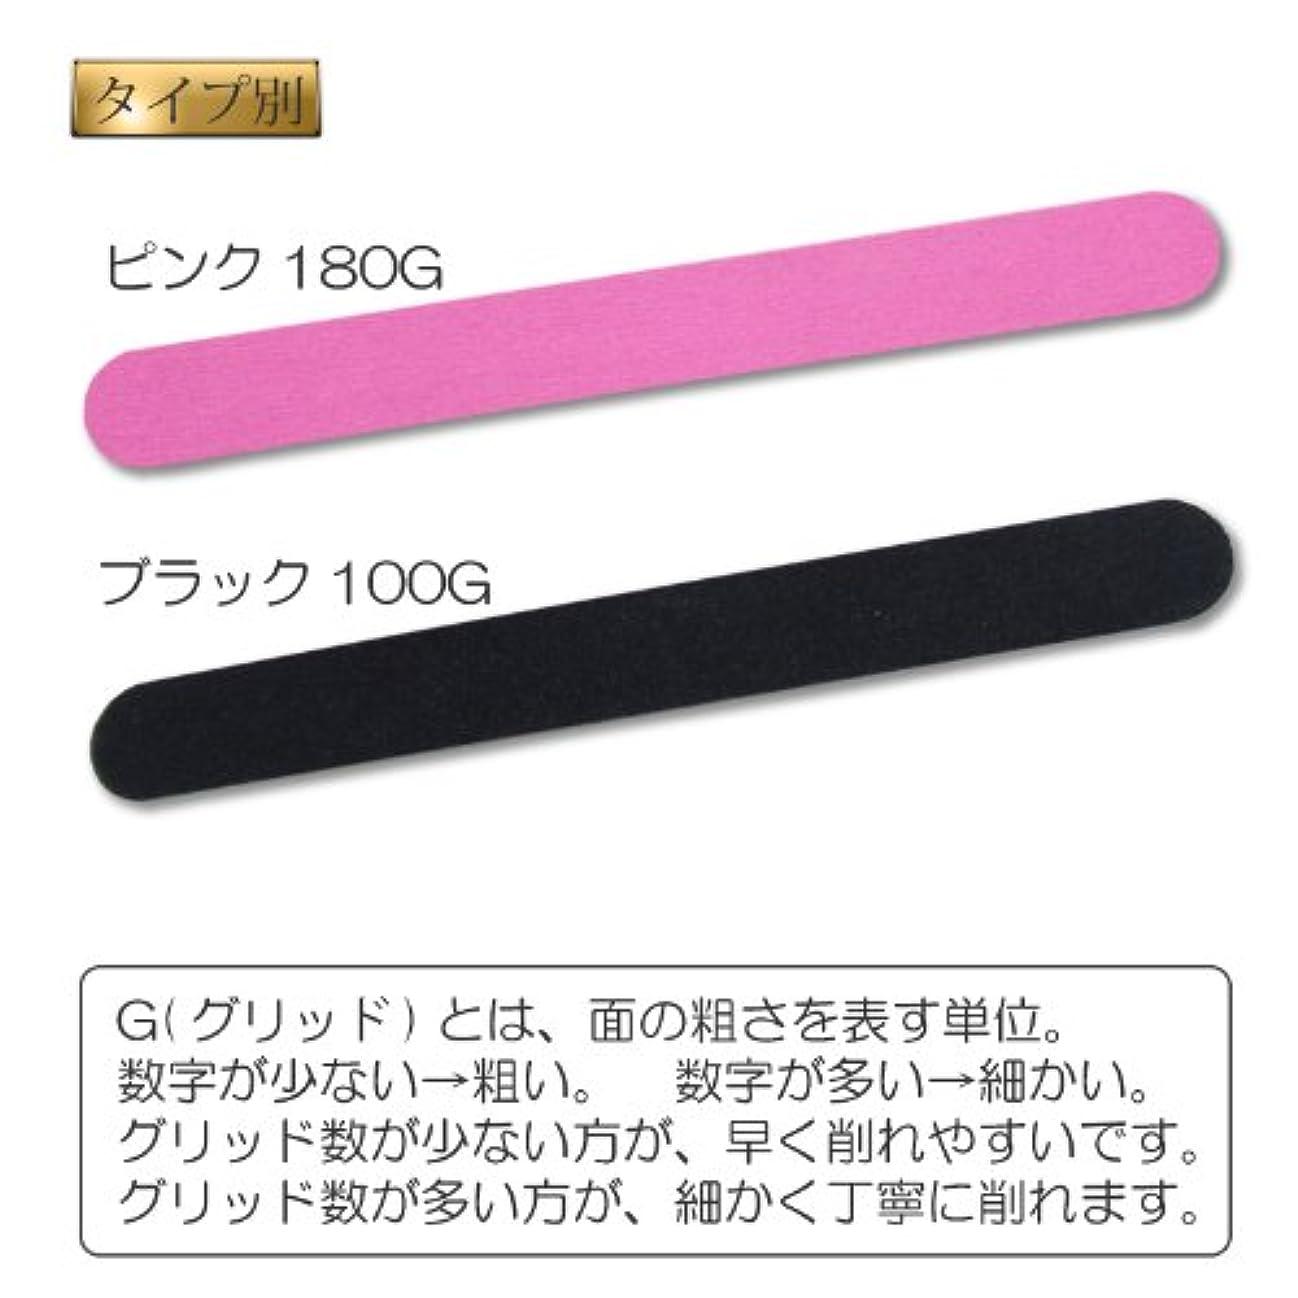 根絶する反逆者ボーナスエメリーボード【爪やすり】 (ブラック100G)